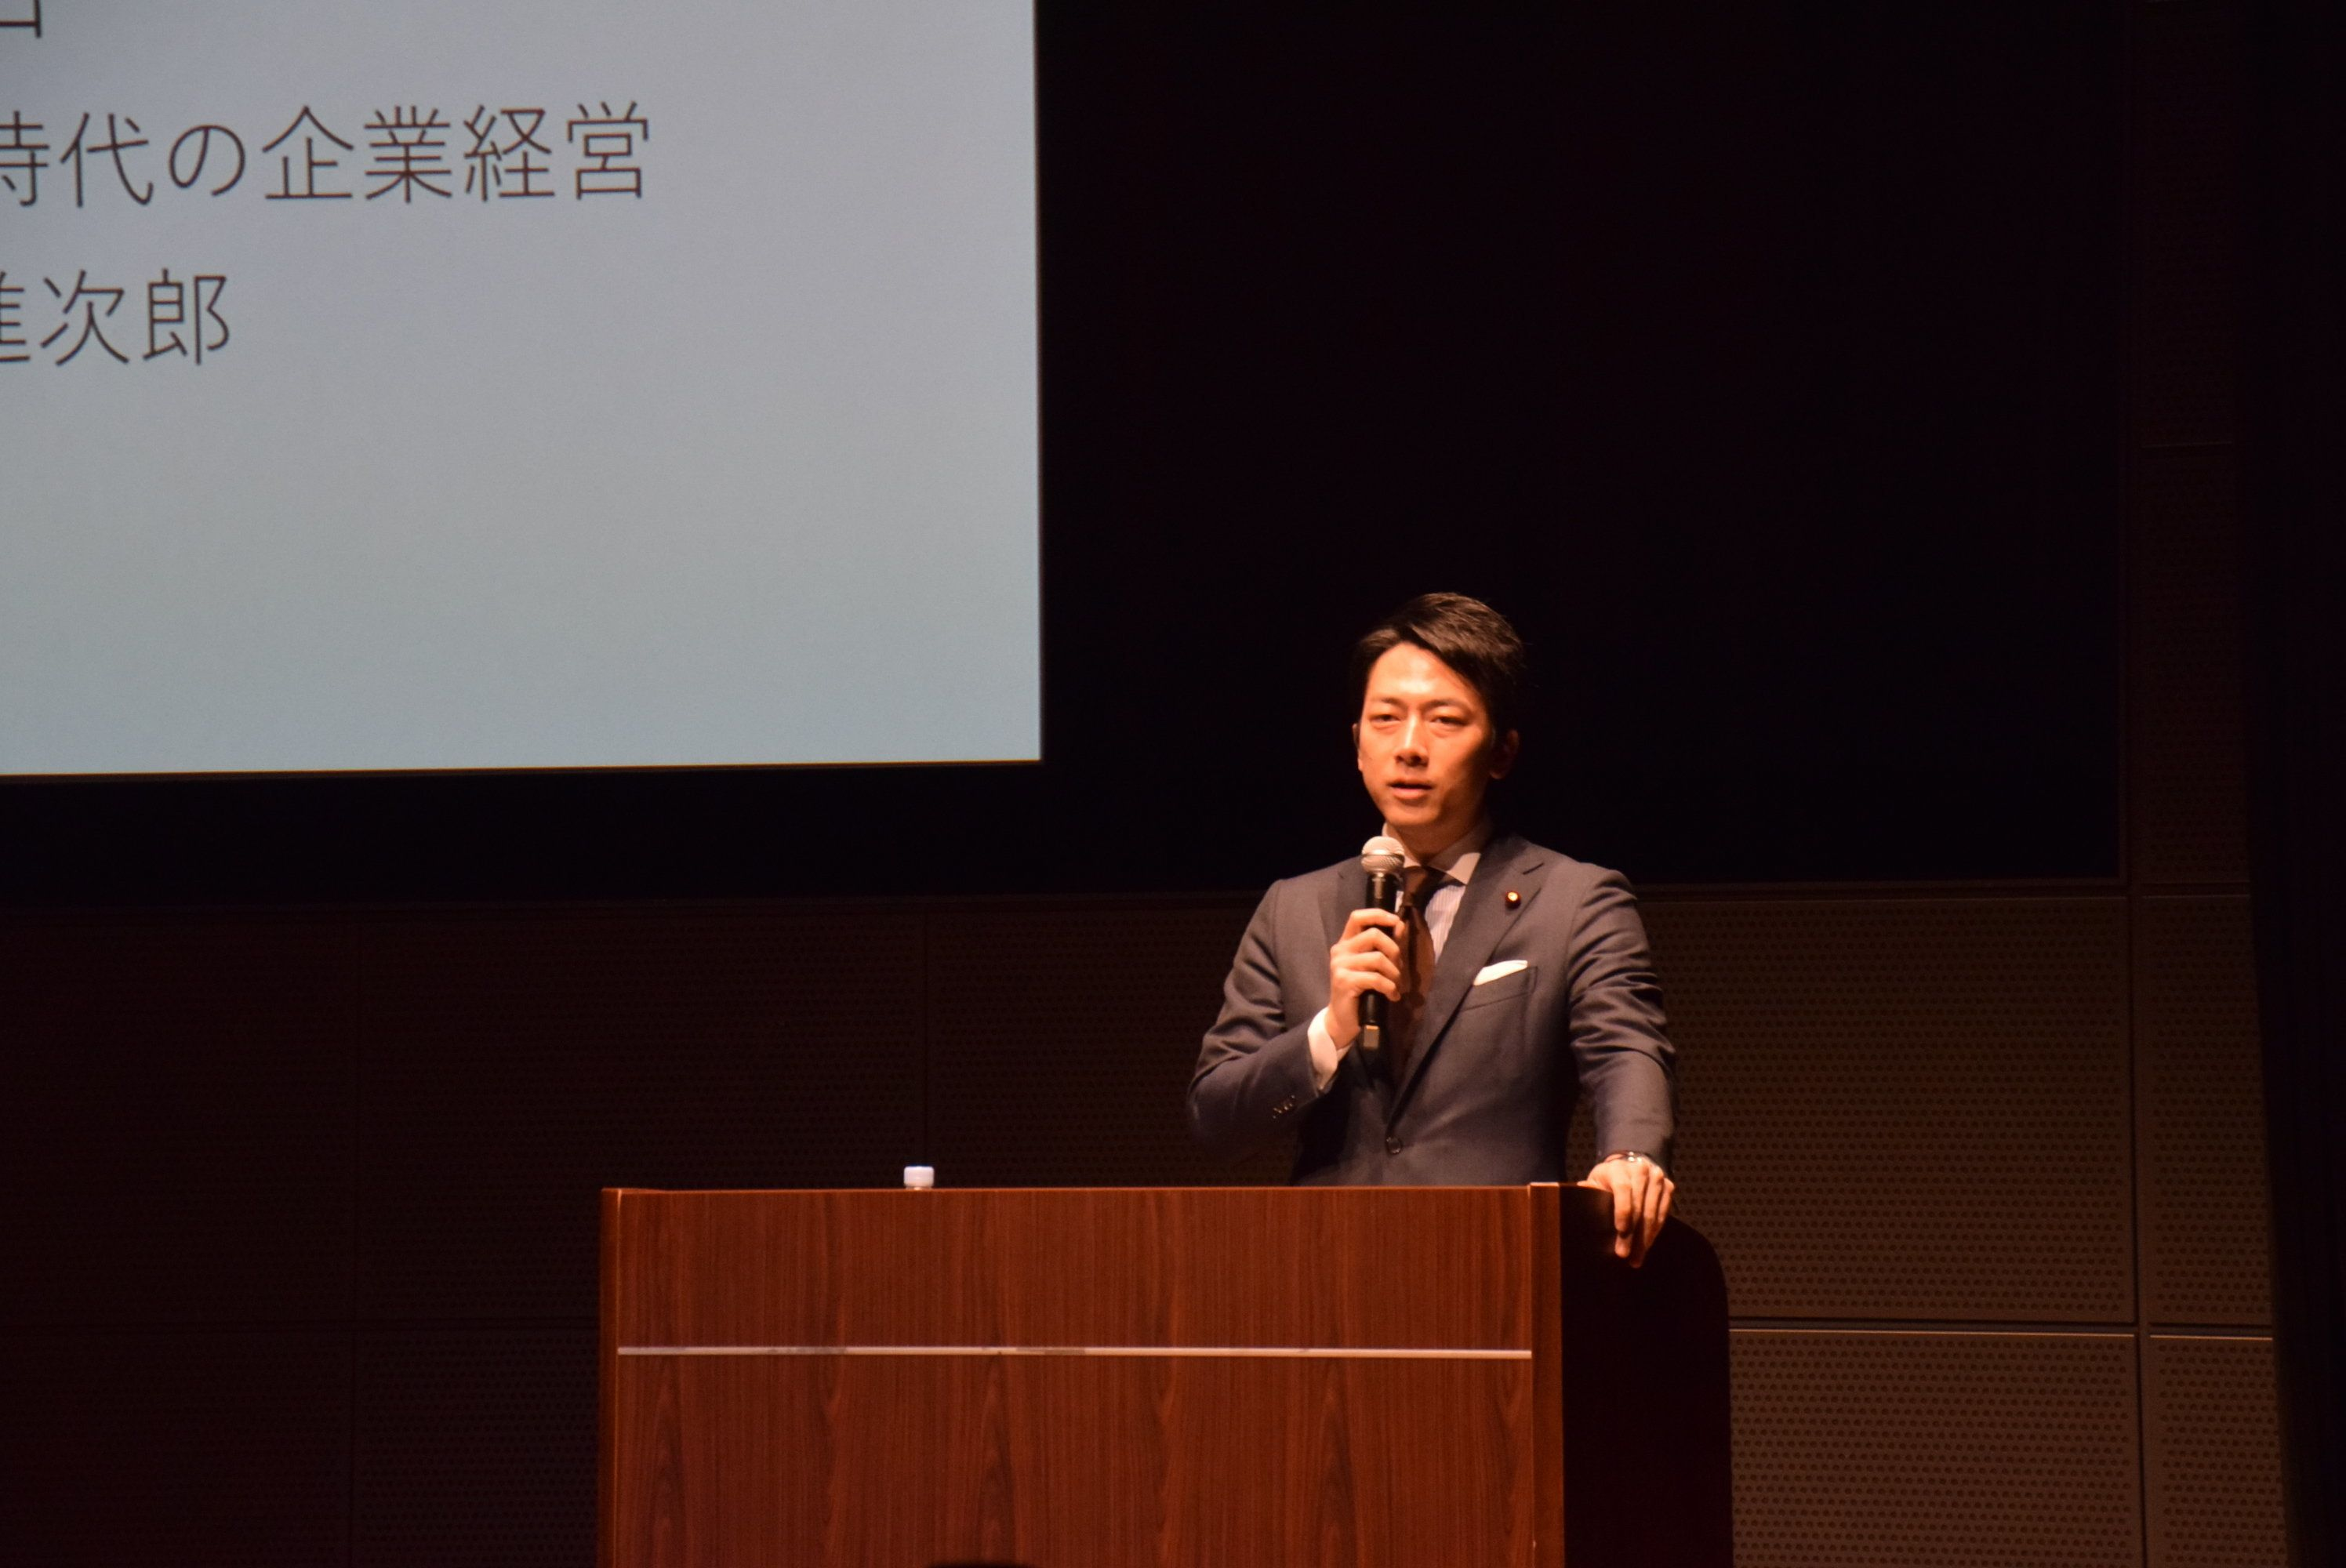 小泉進次郎氏が訴える「働き方改革の最大の壁」とは?